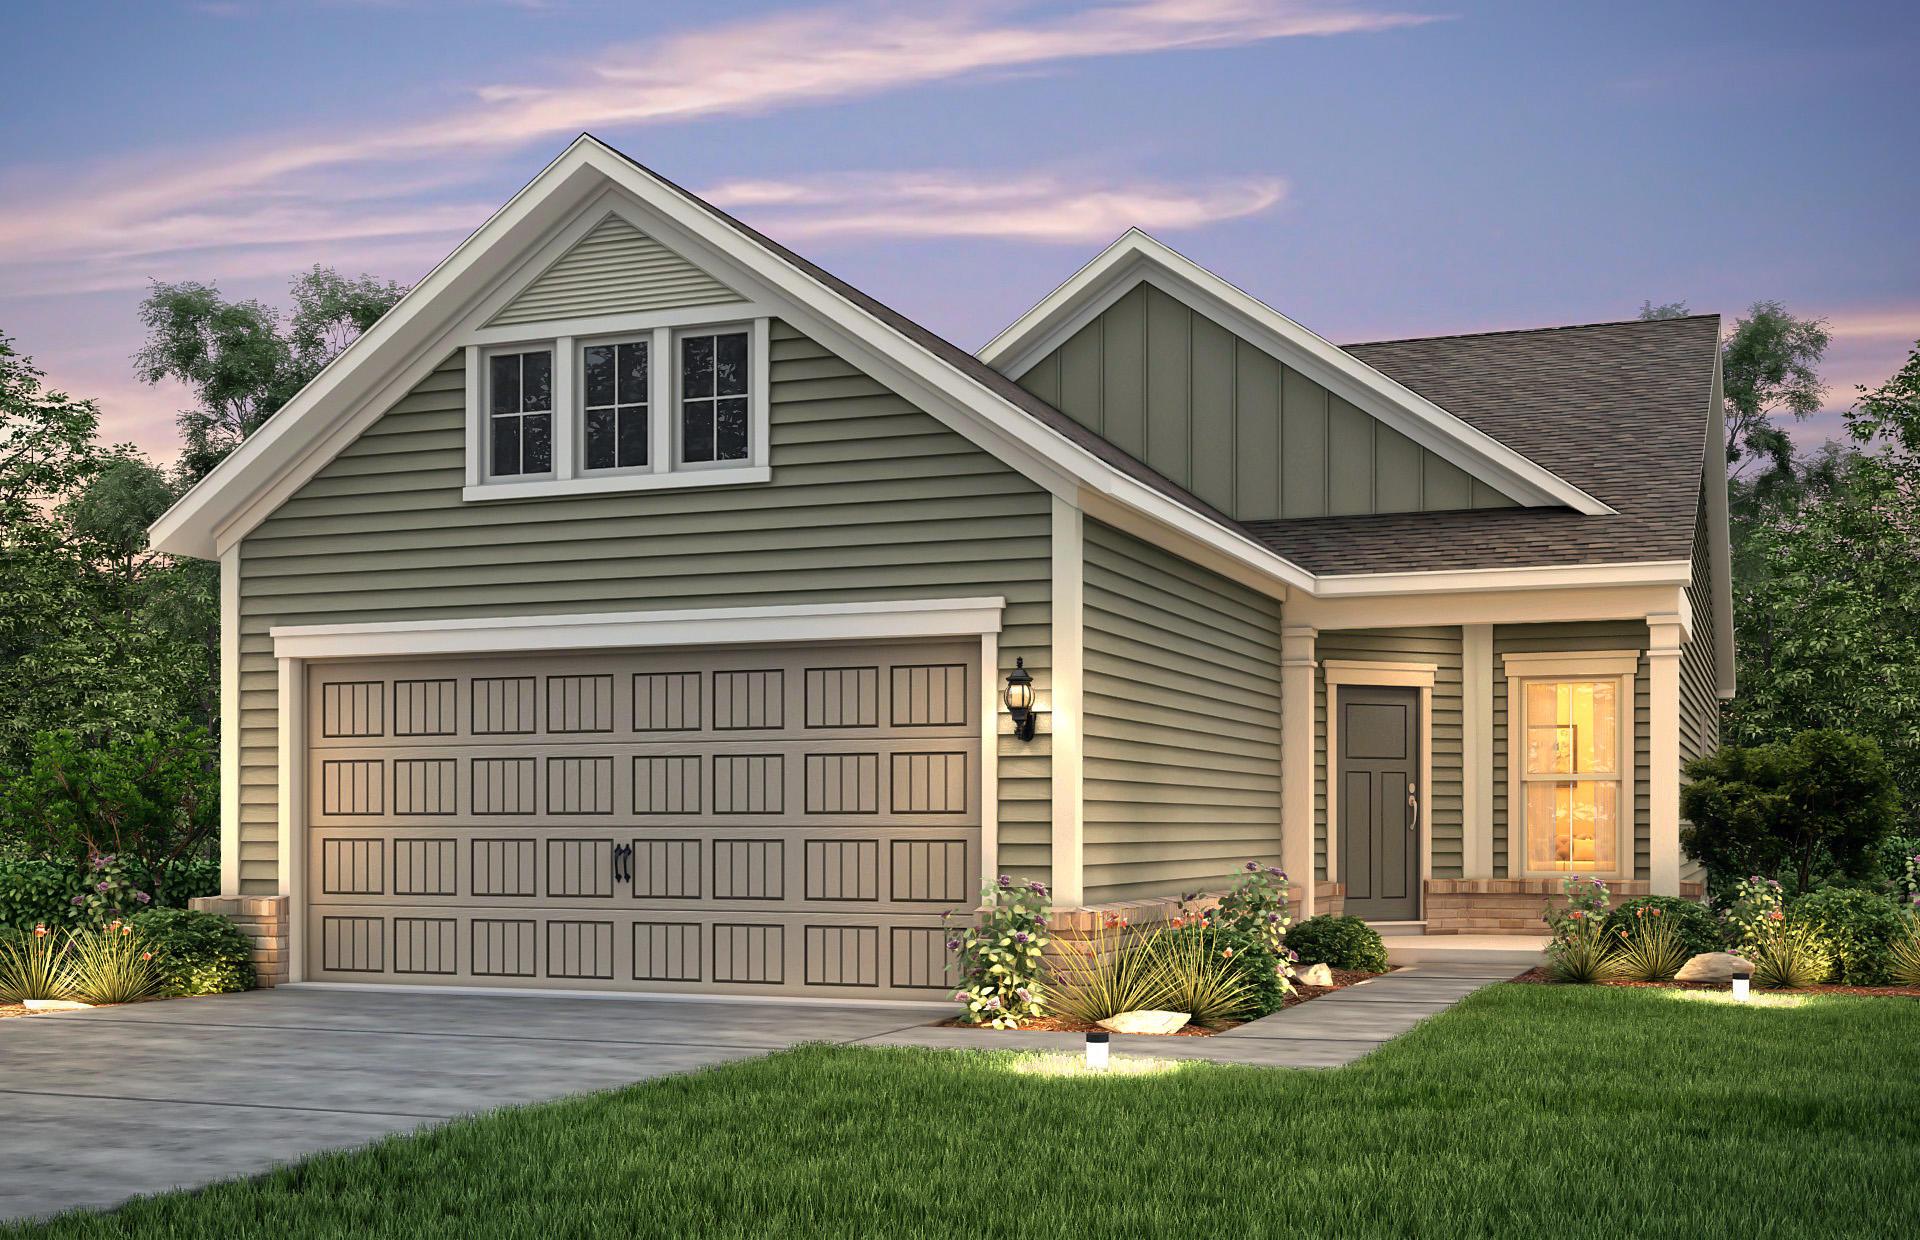 452 Switchgrass Drive Summerville, SC 29486